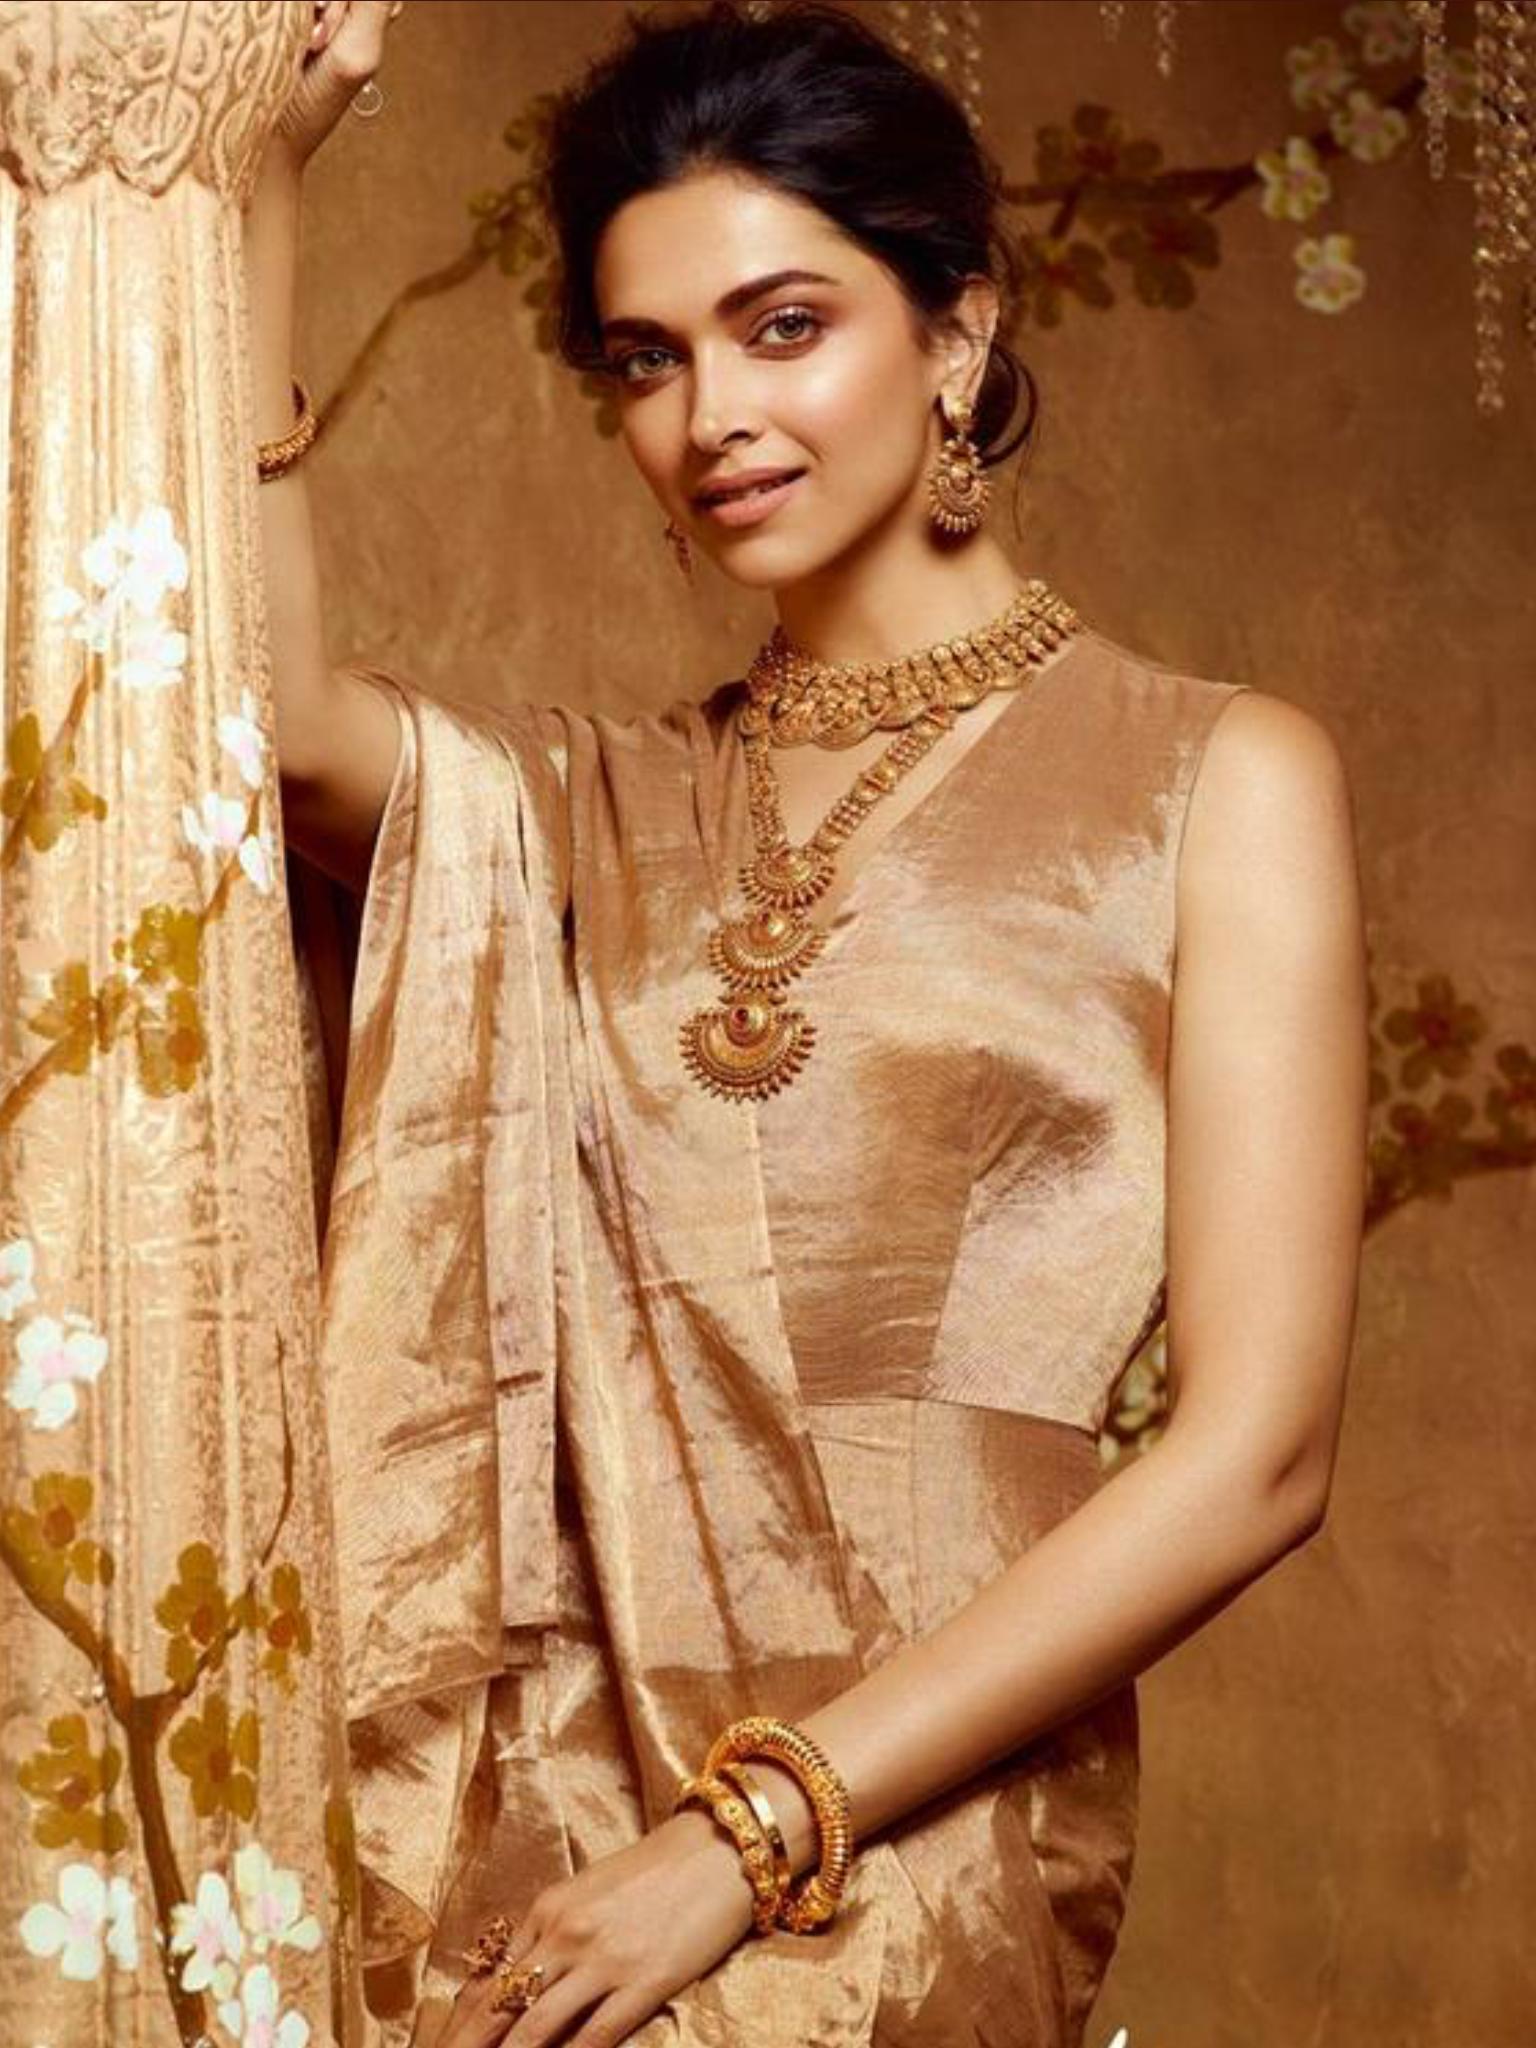 Pin by Shatavisha on Deepika Padukone | Deepika padukone ...